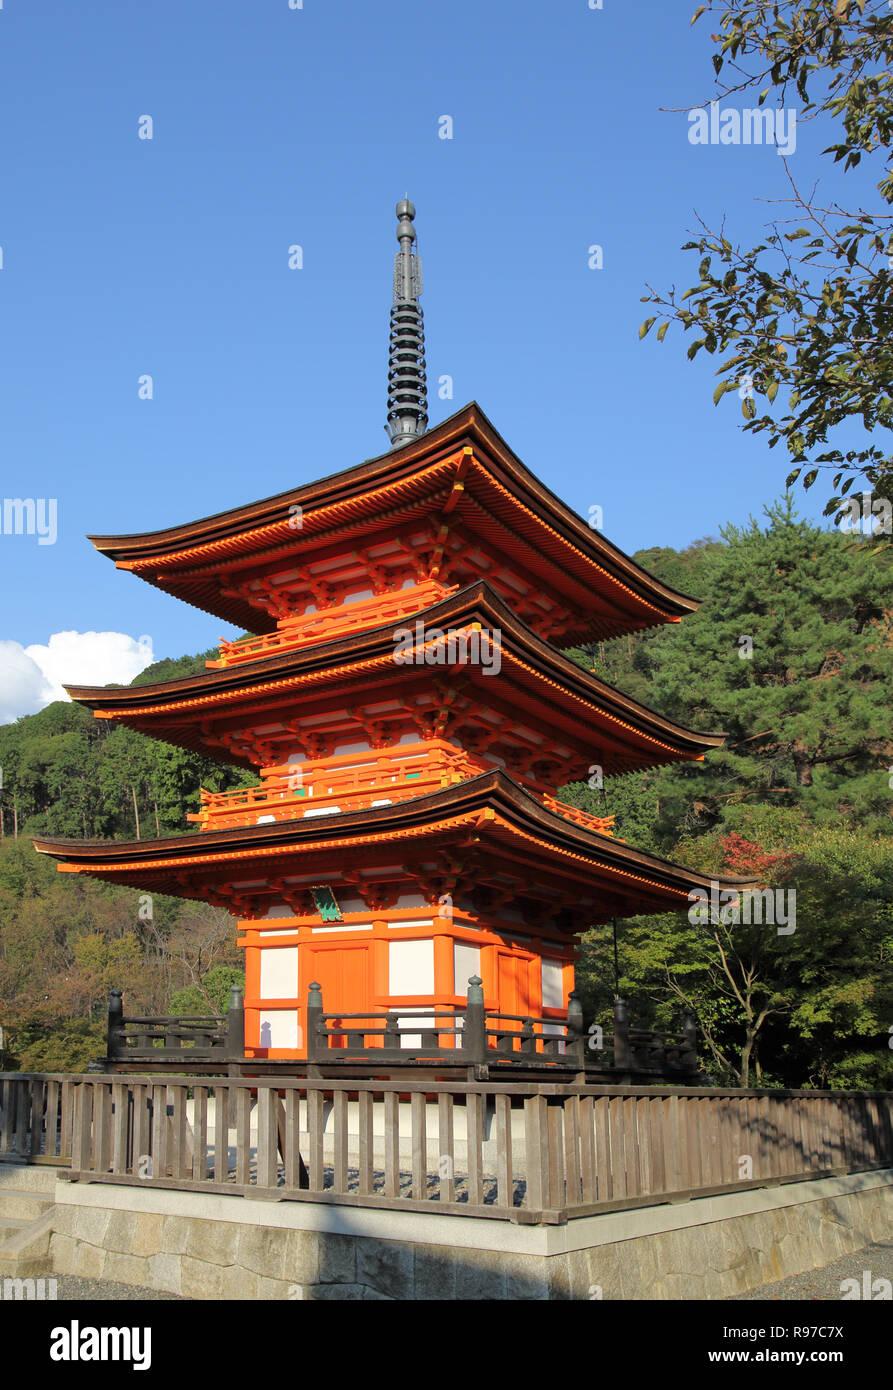 Le temple Kiyomizu-dera surplombant Kyoto au Japon Banque D'Images